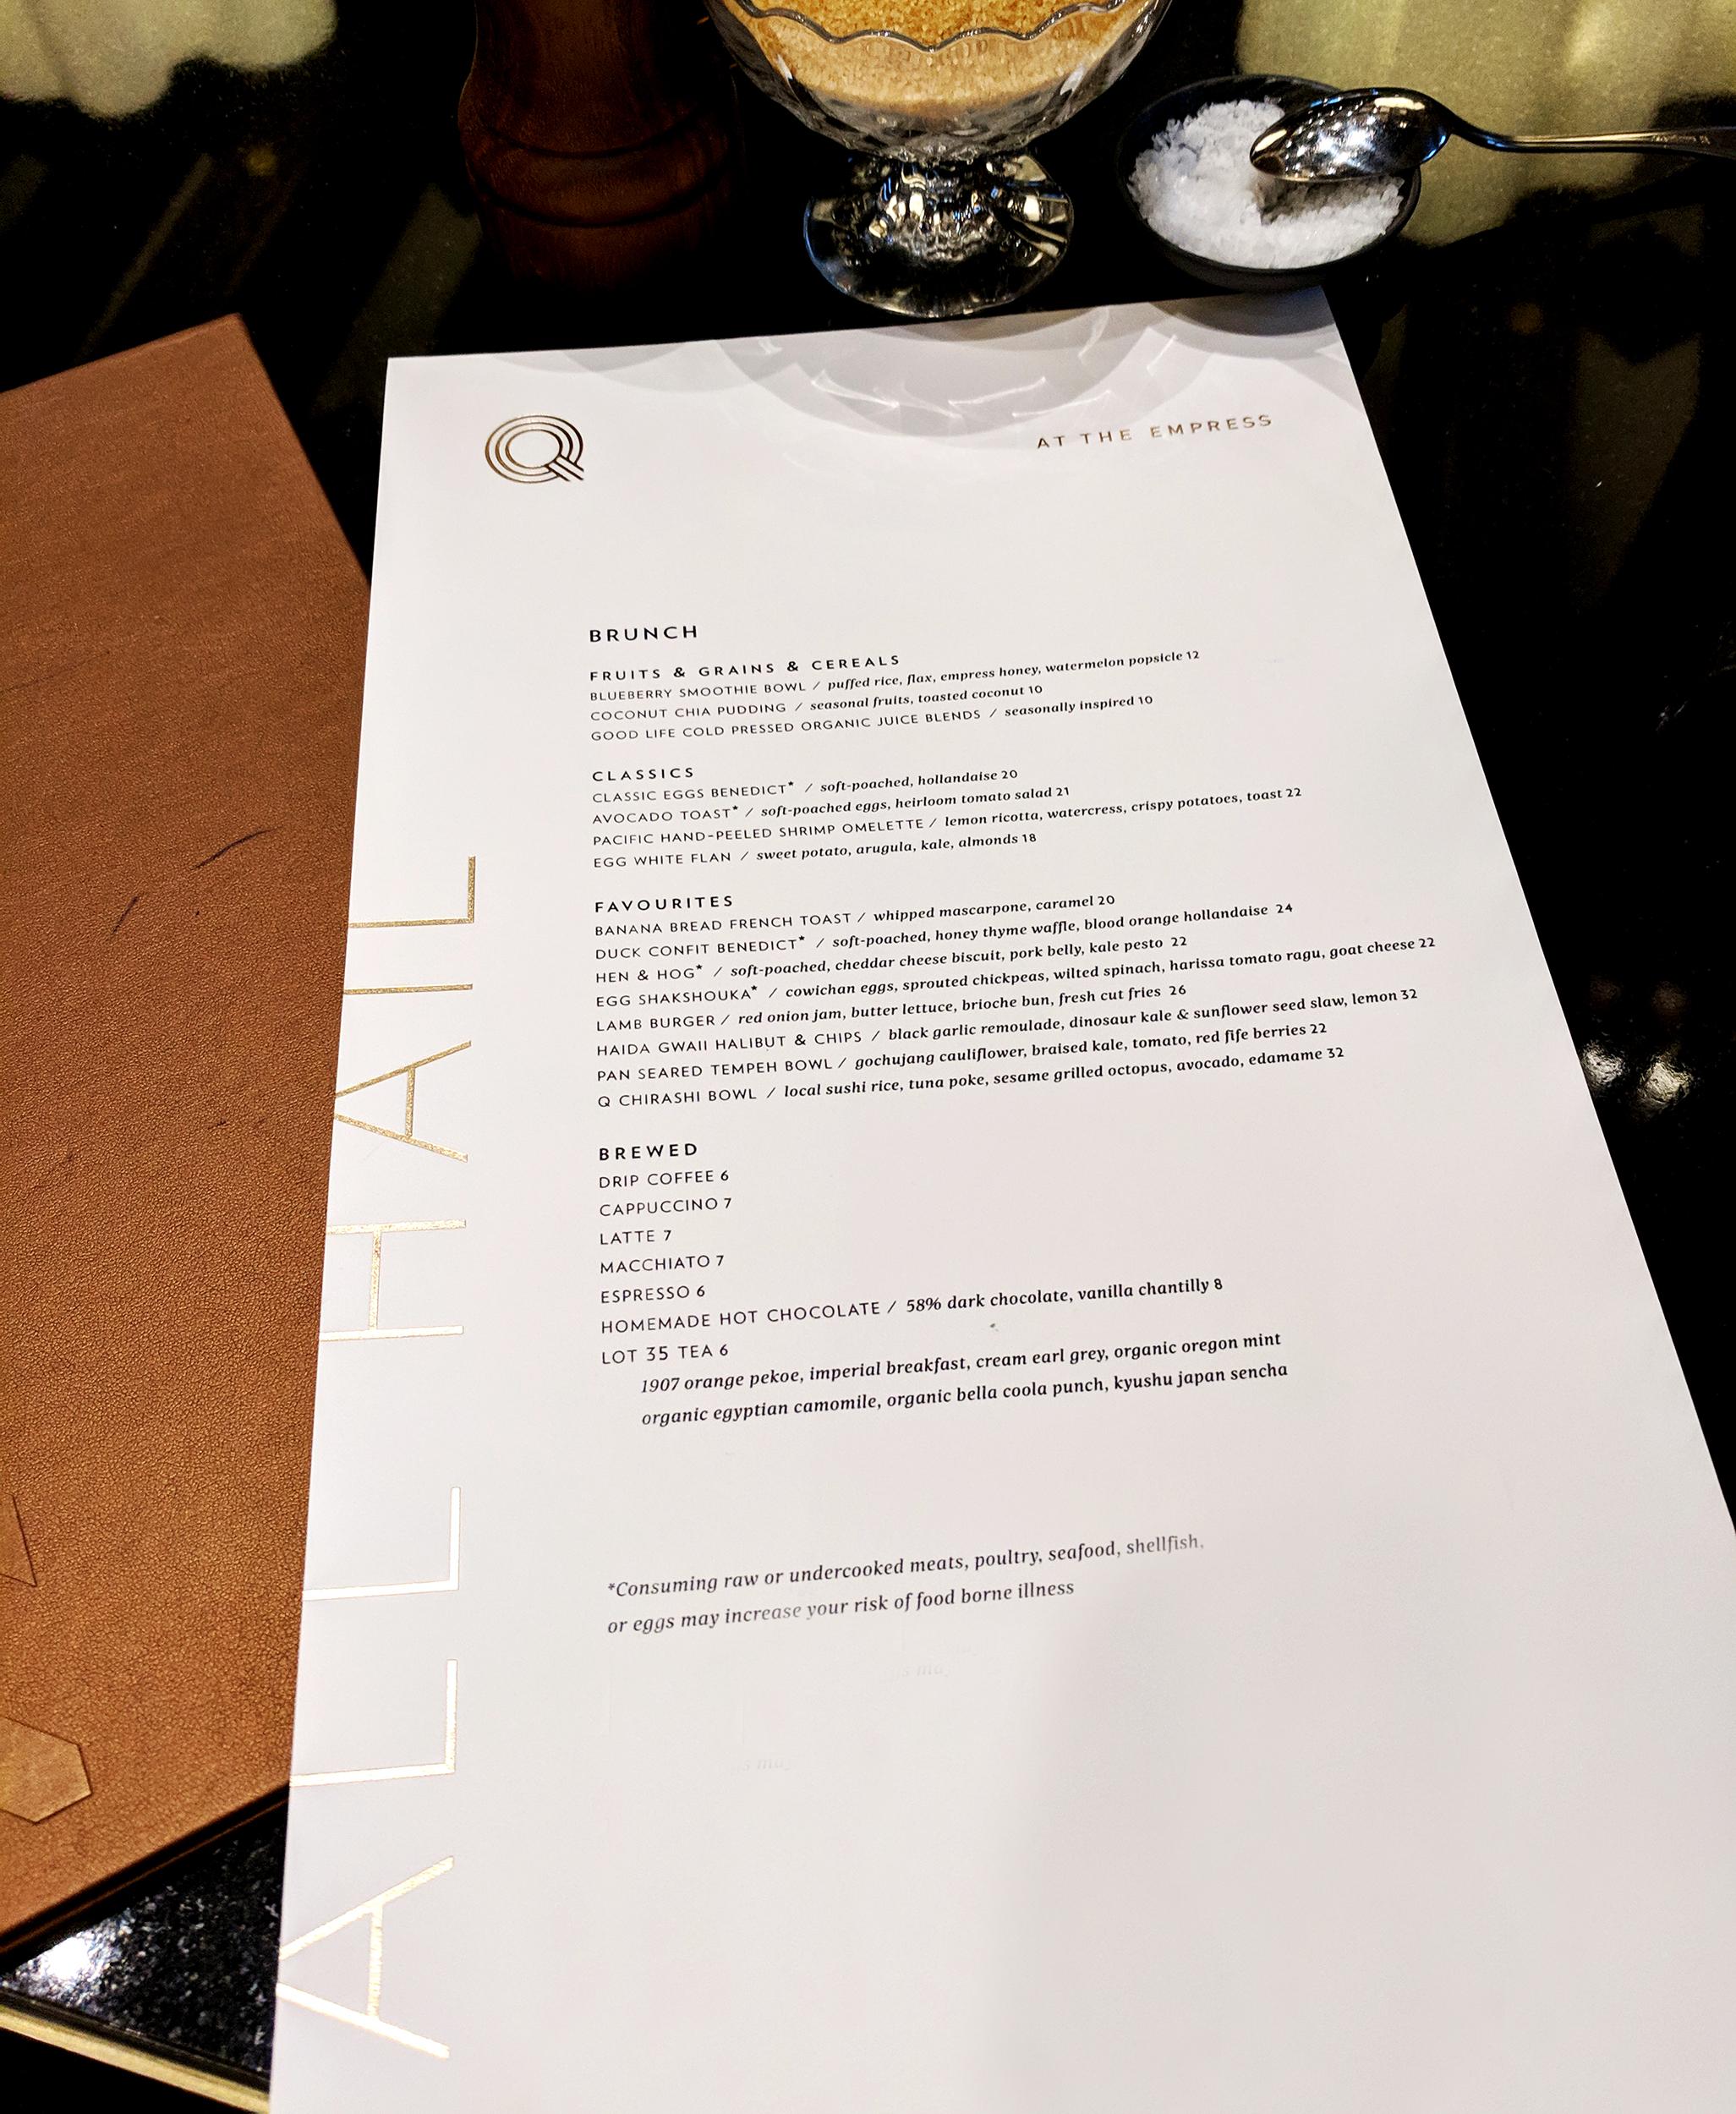 Q at the Empress brunch menu